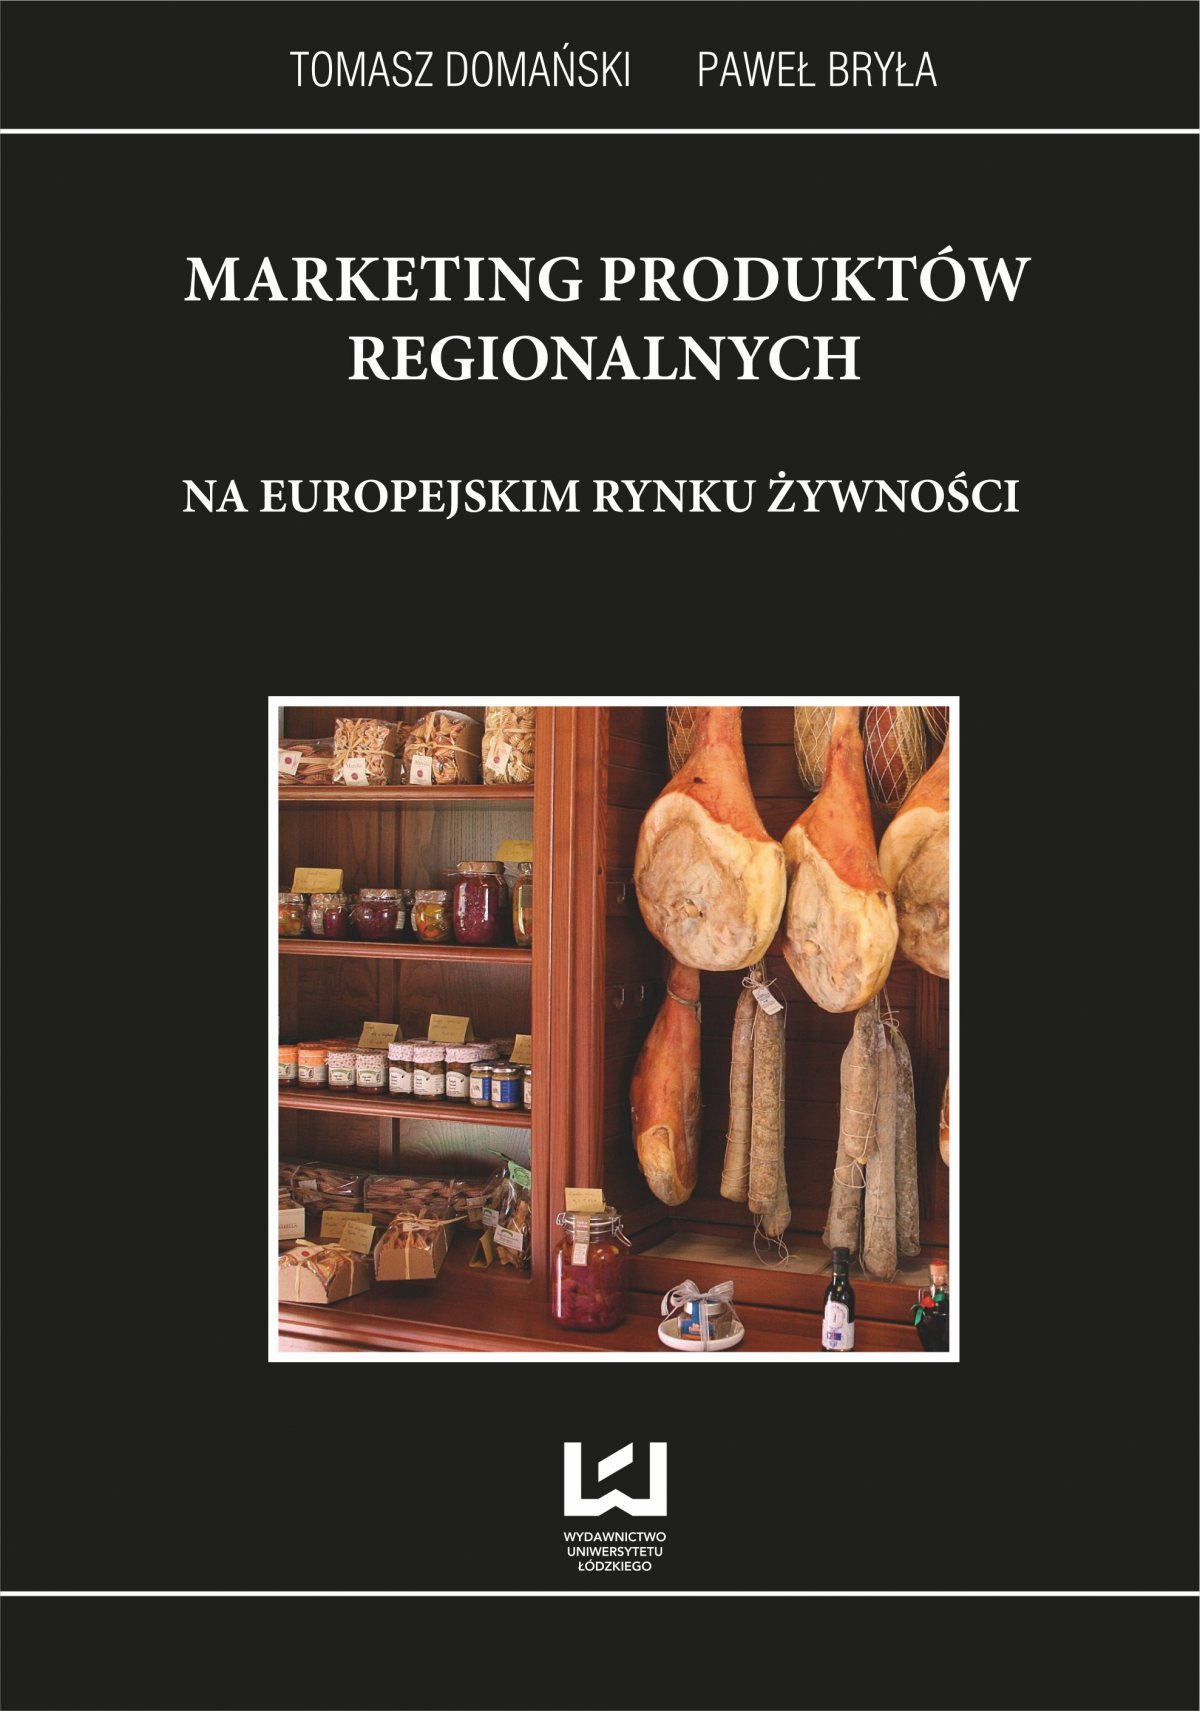 Marketing produktów regionalnych na europejskim rynku żywności - Ebook (Książka PDF) do pobrania w formacie PDF